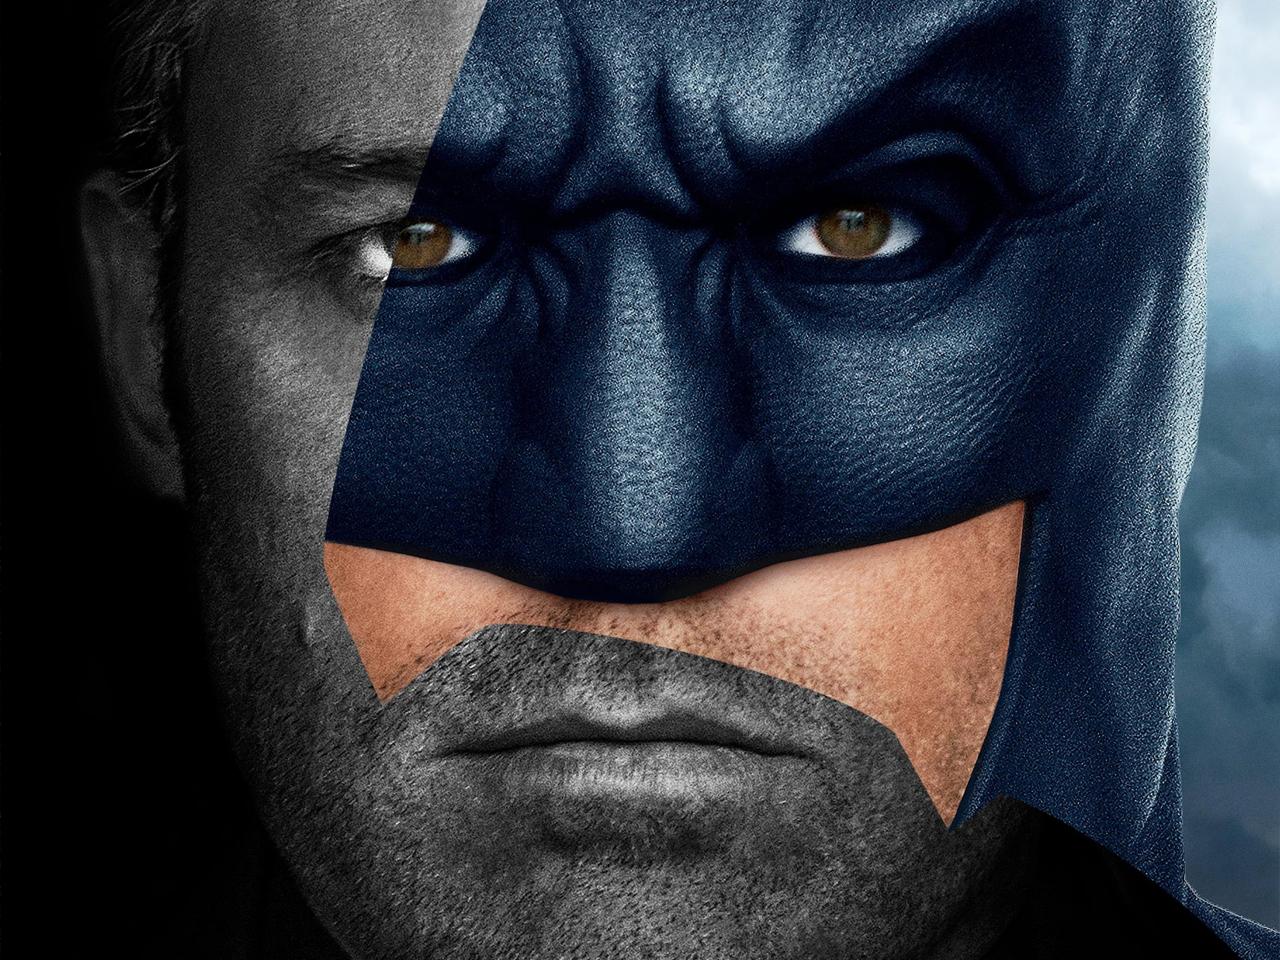 Batman, Ben Affleck, justice league, movie, 1280x960 wallpaper